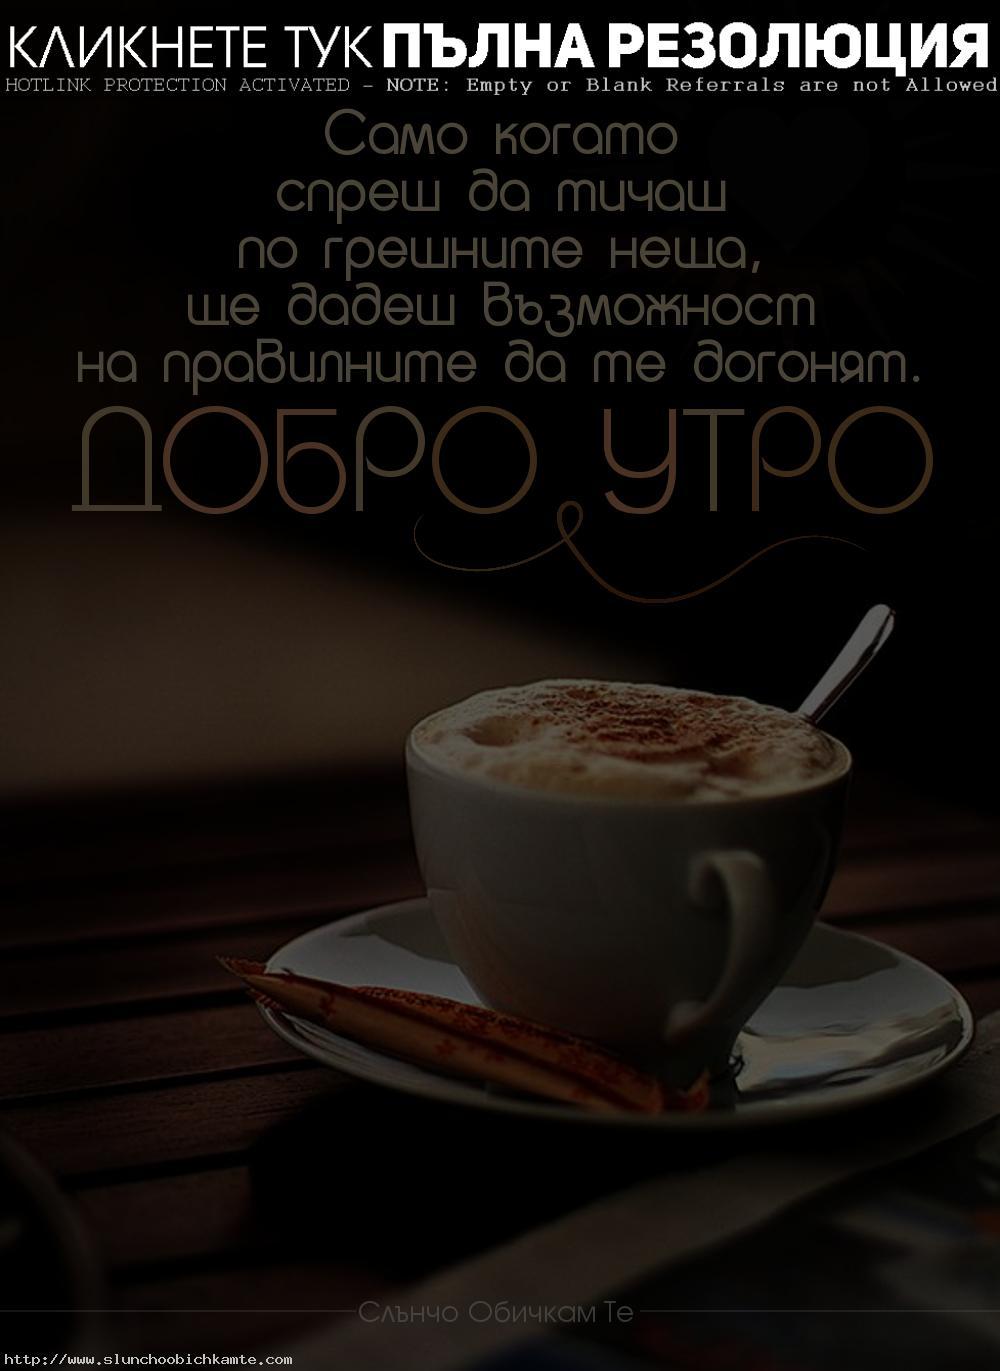 Само когато спреш да тичаш по грешните неща, ще дадеш възможност на правилните да те догонят. Добро утро - пожелания за добро утро, добро утро понеделник, добро утро вторник, добро утро сряда, добро утро четвъртък, добро утро петък, добро утро събота, добро утро неделя, успешна нова седмица, усмихнат ден, успешен ден, слънчев ден, позитивен ден, добро утро приятели, добро утро с усмивка, добро утро кафе, капучино